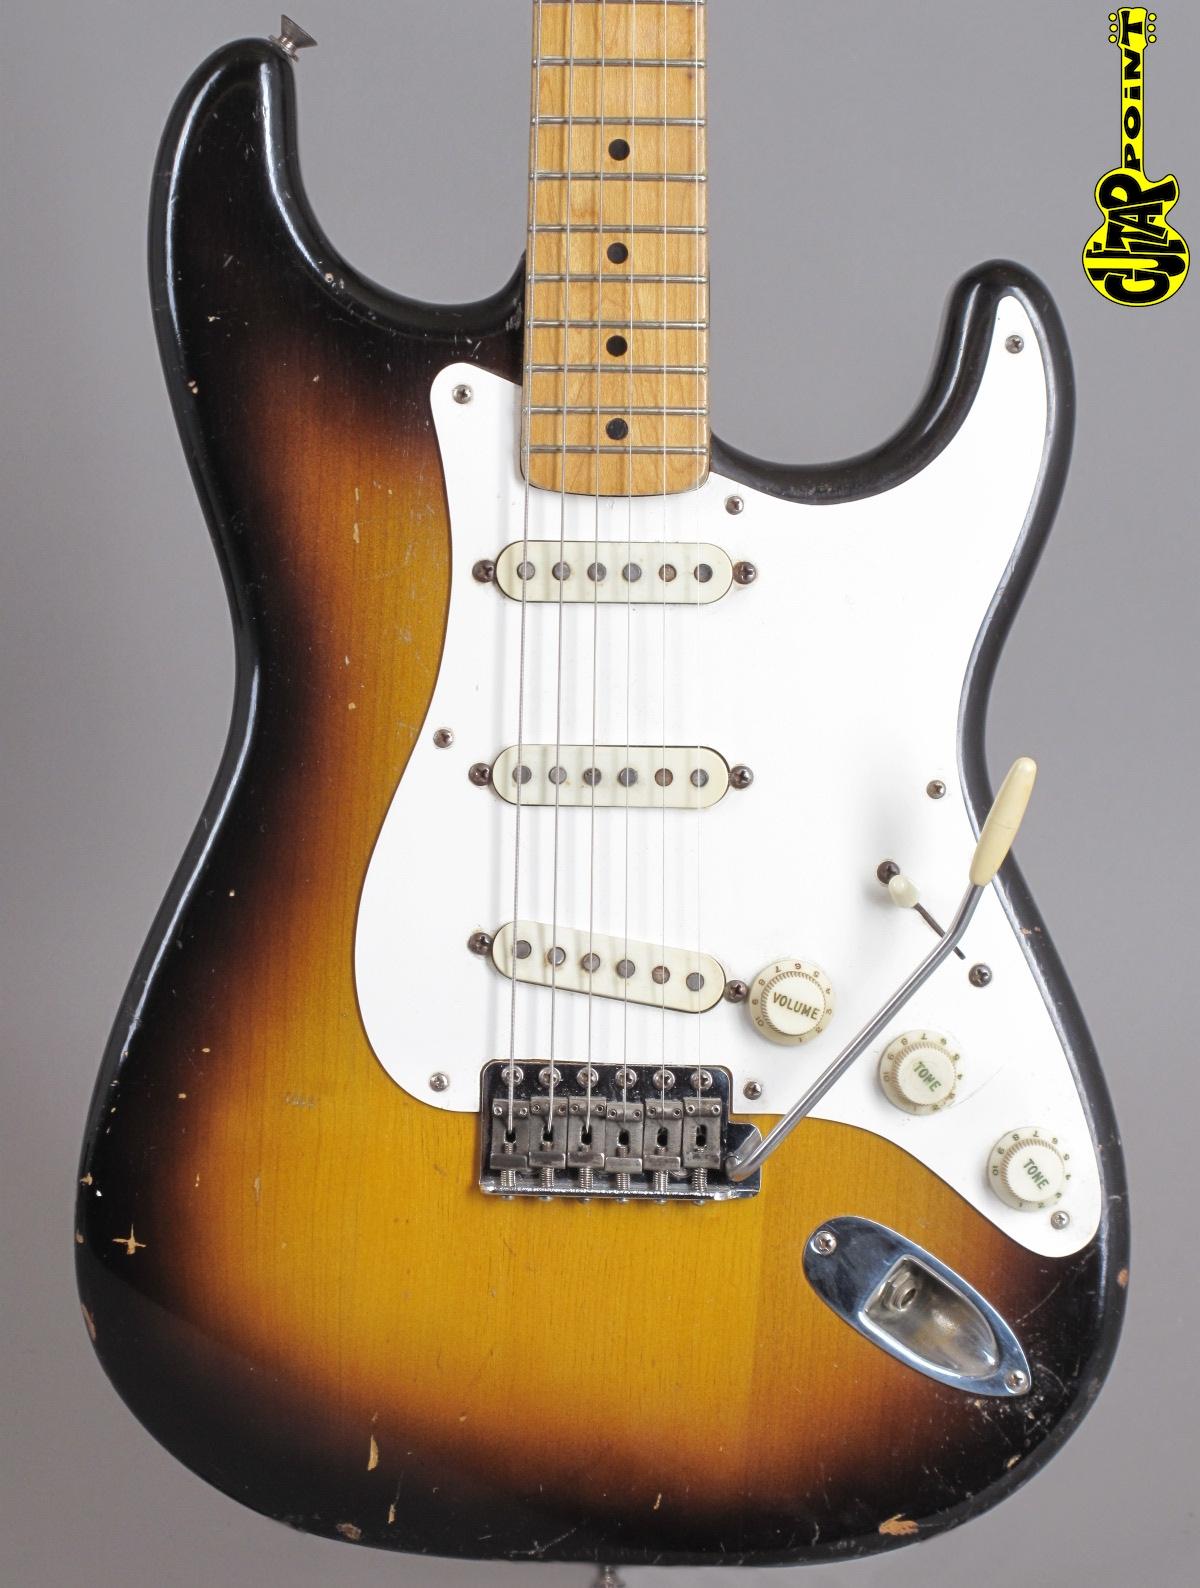 1957 Fender Stratocaster - 2-tone Sunburst